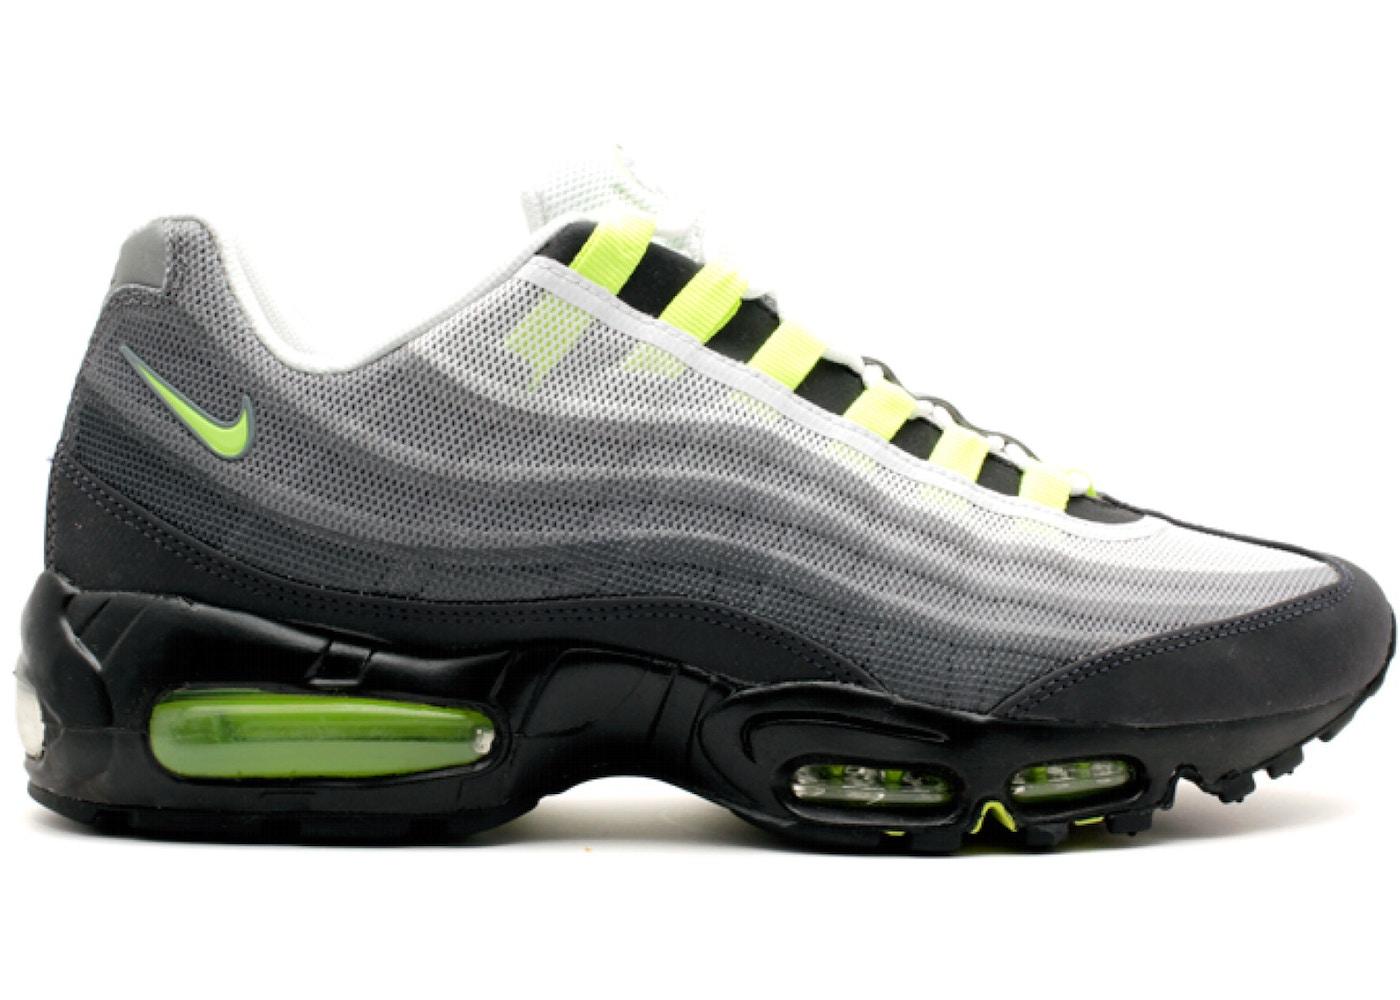 Nike Air Max 95 Premium Tape Neon